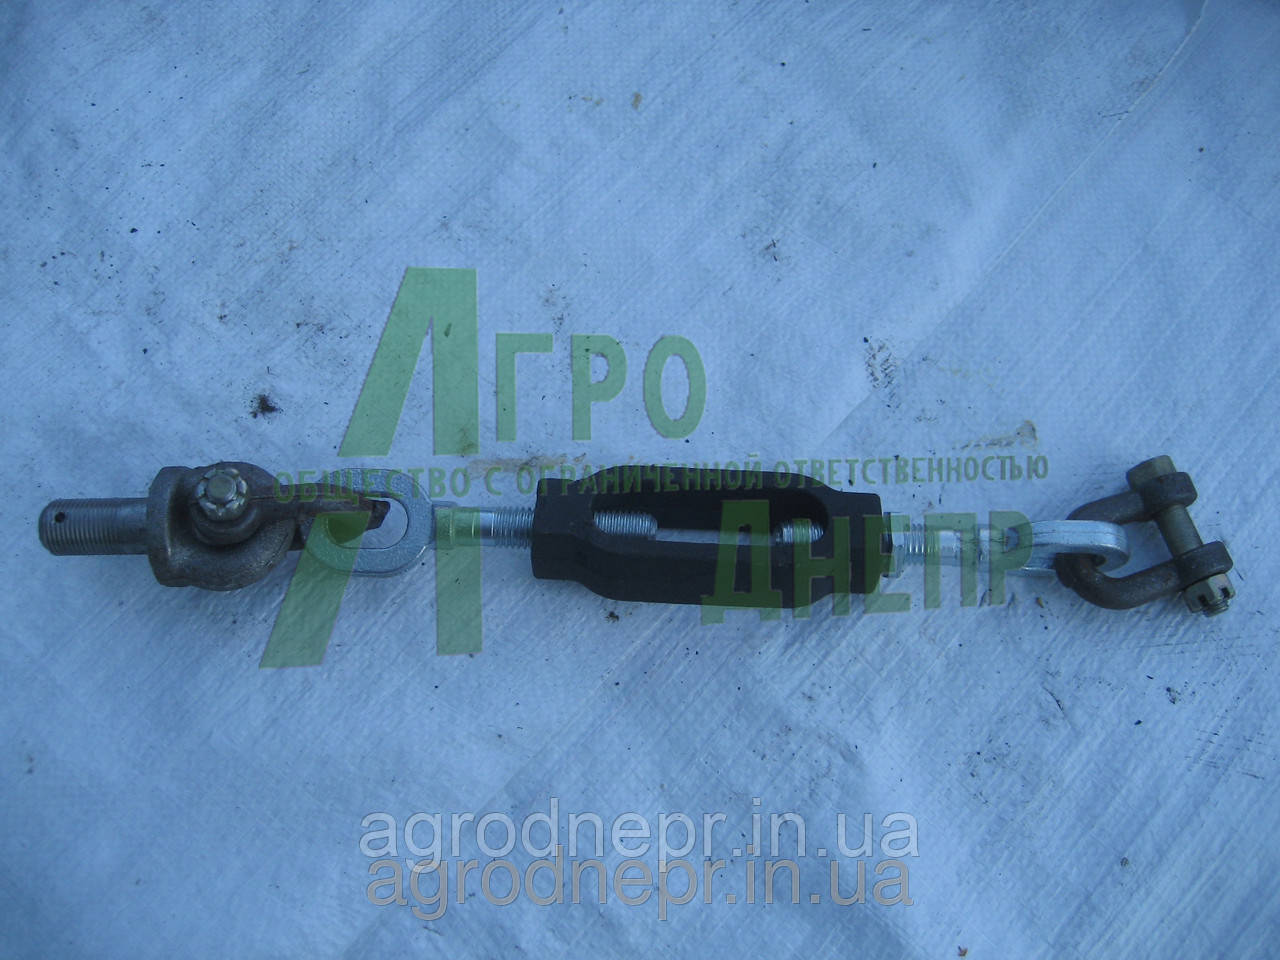 Стяжка левая механизма задней навески ЮМЗ 45-4605060-03 СБ